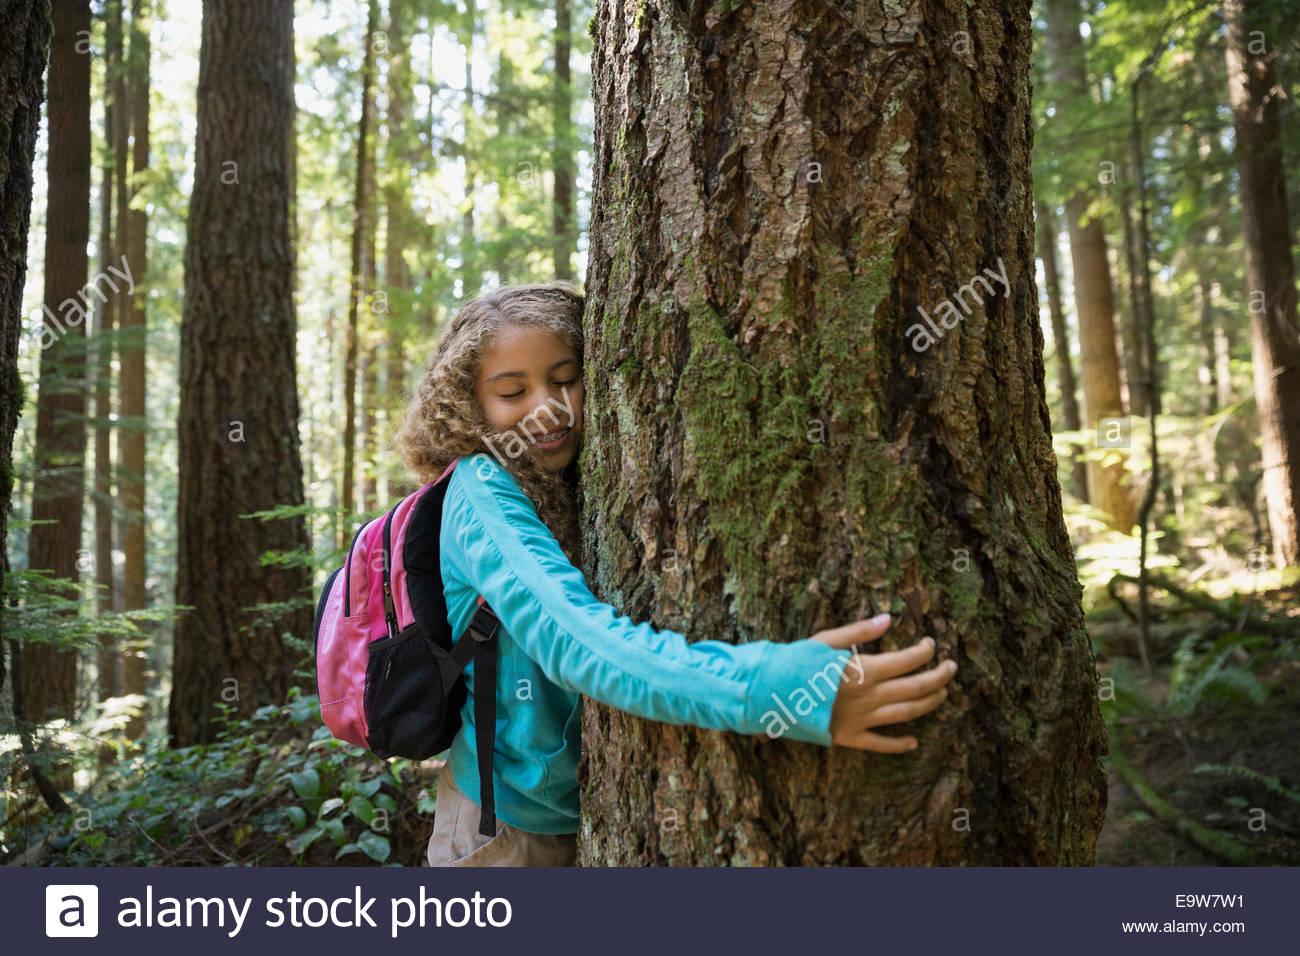 Ragazza con zaino abbracciando tronco di albero nei boschi Immagini Stock